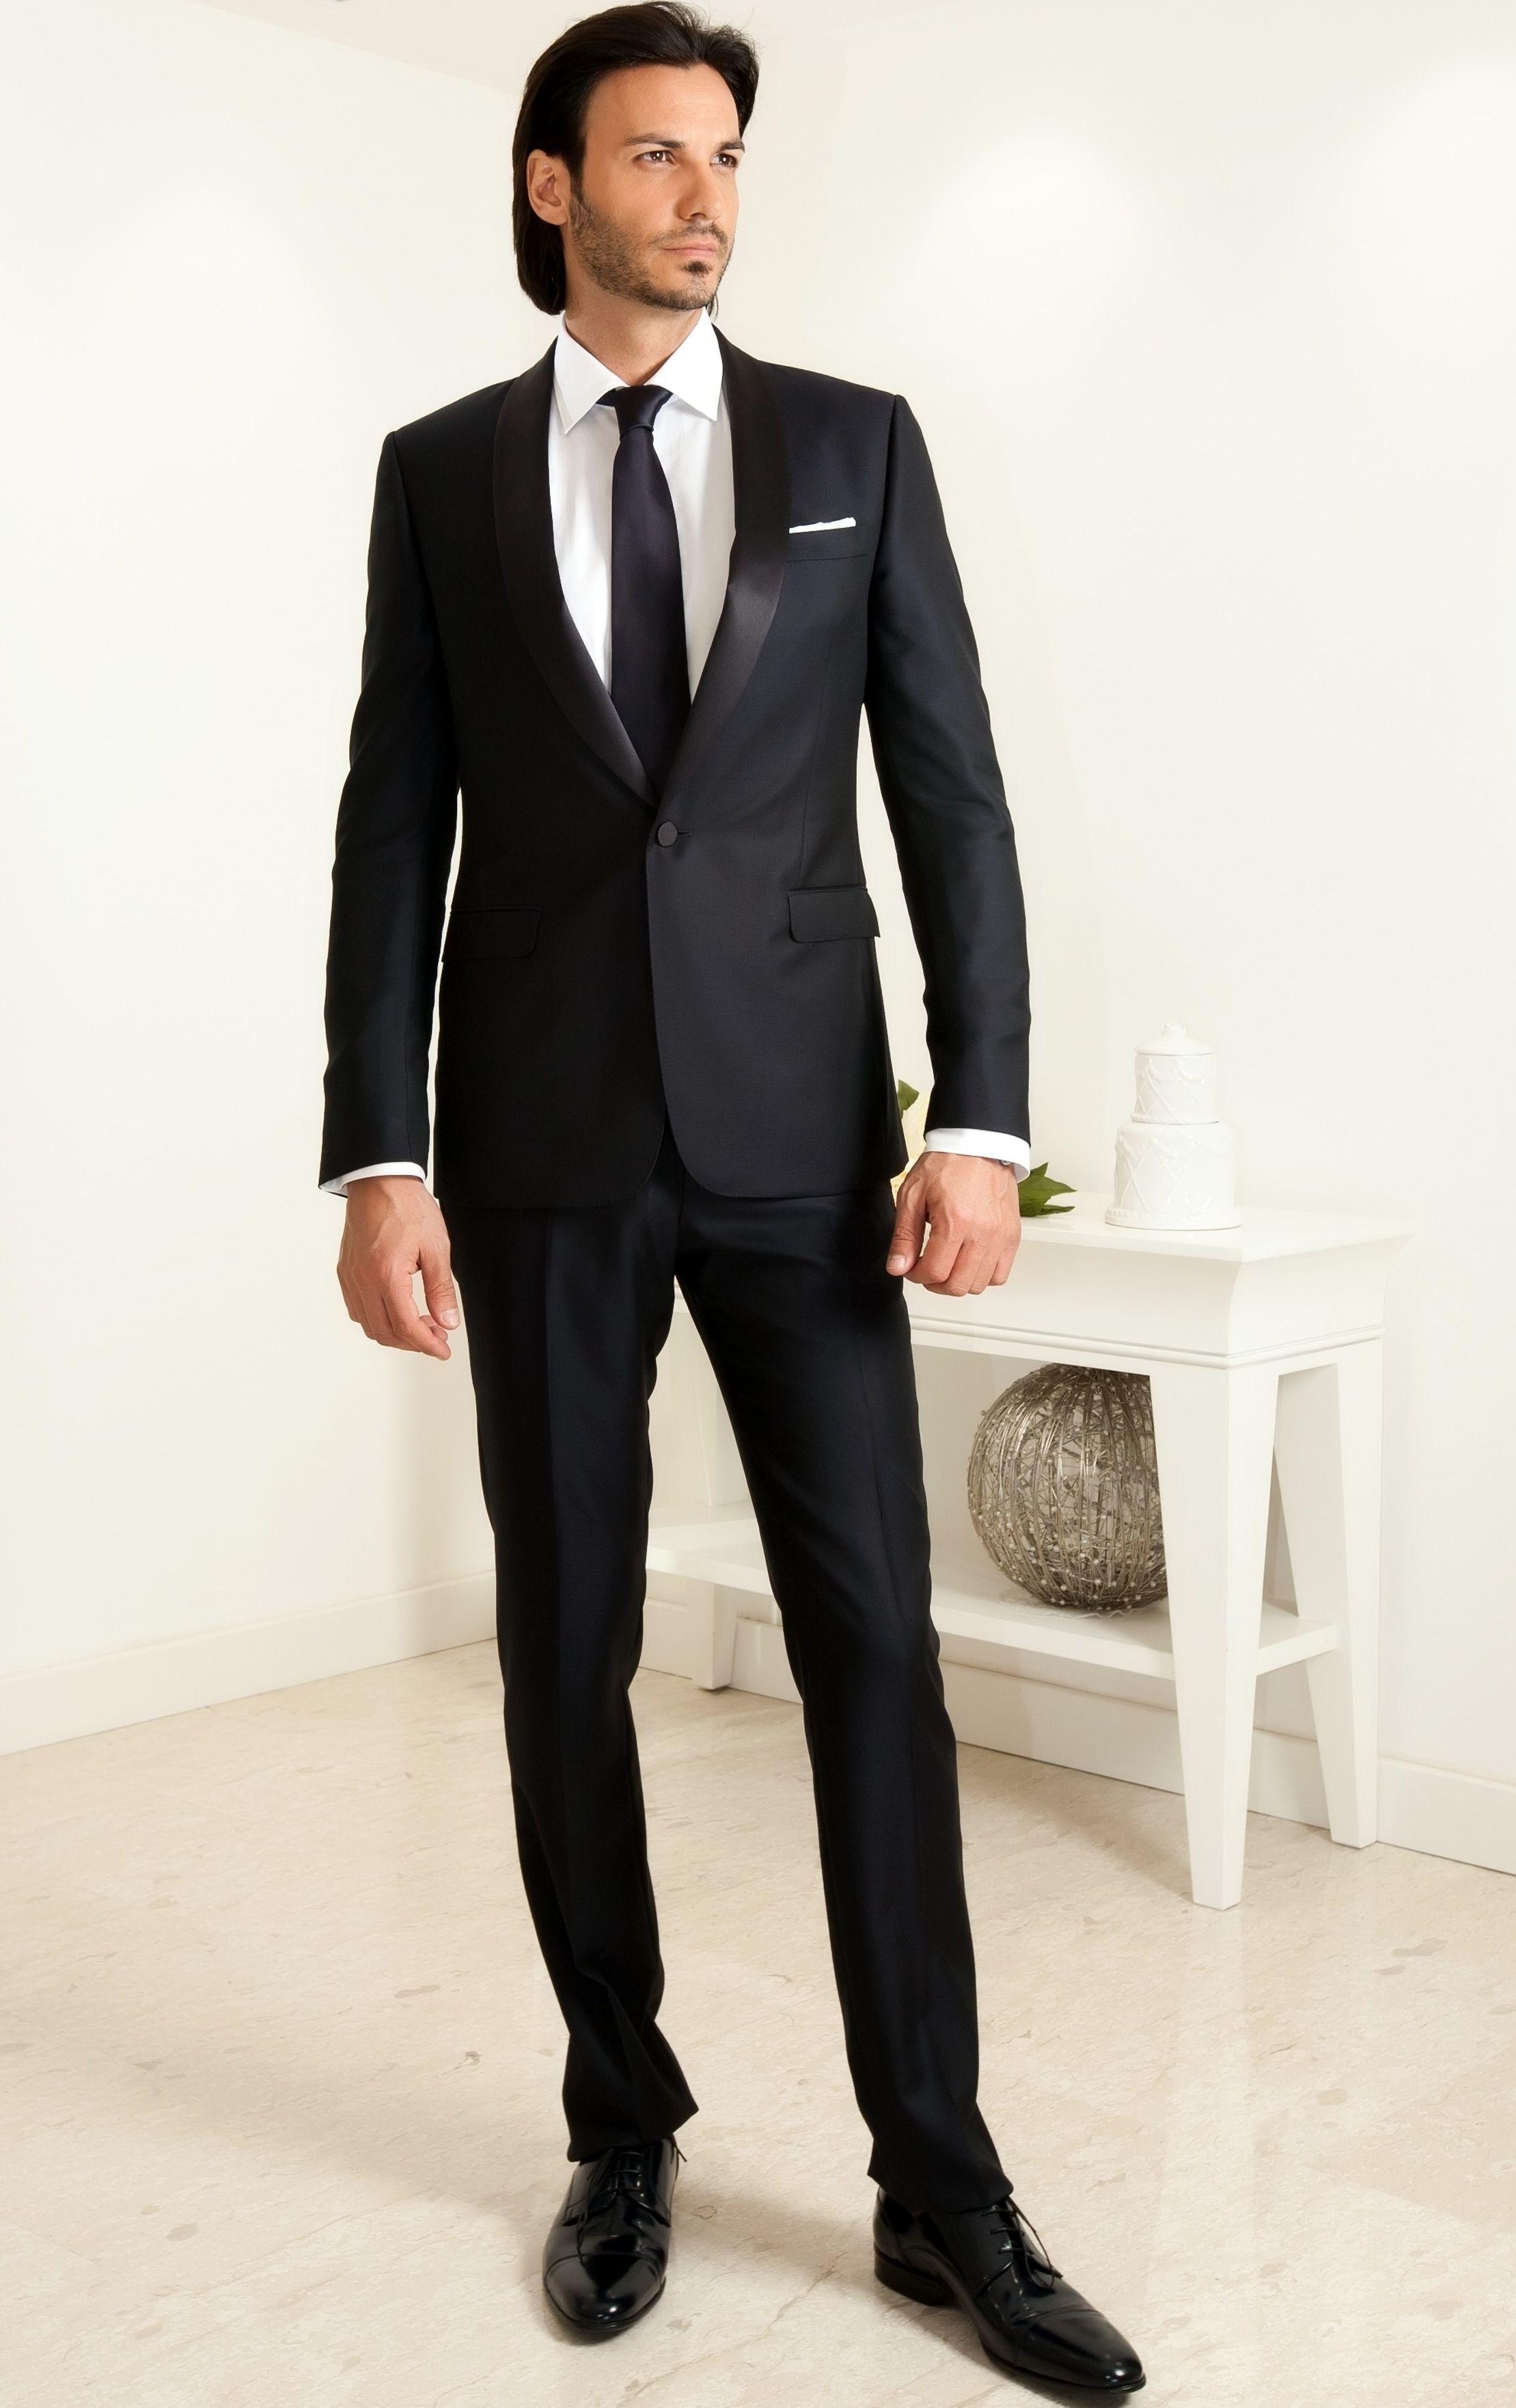 cf6b0aac0723 abito nero uomo cravatta - Cerca con Google